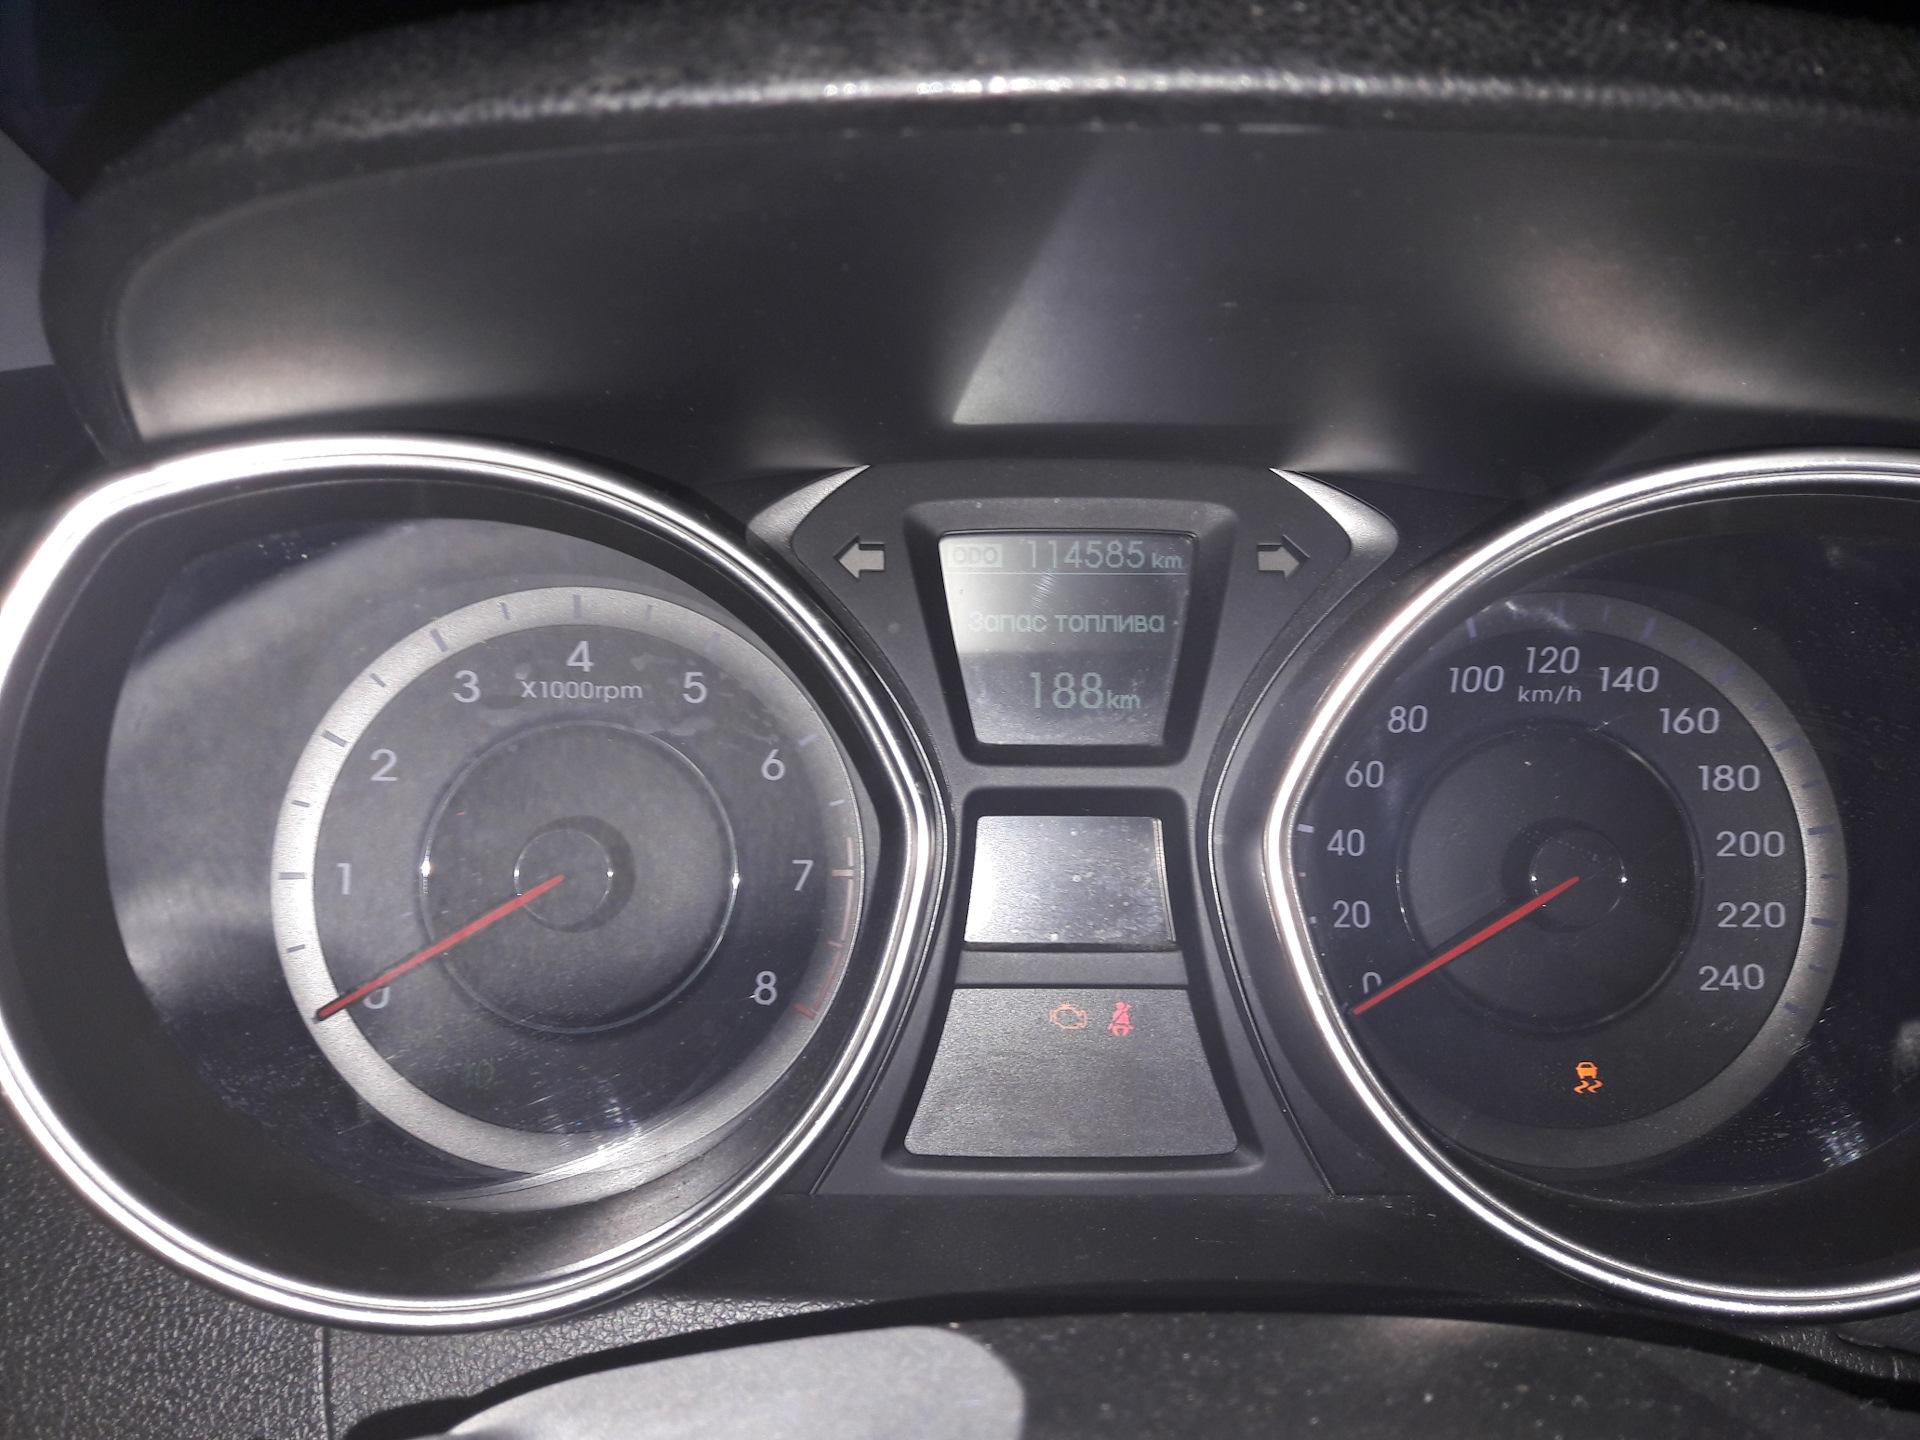 hyundai elantra загорелся чек двигателя